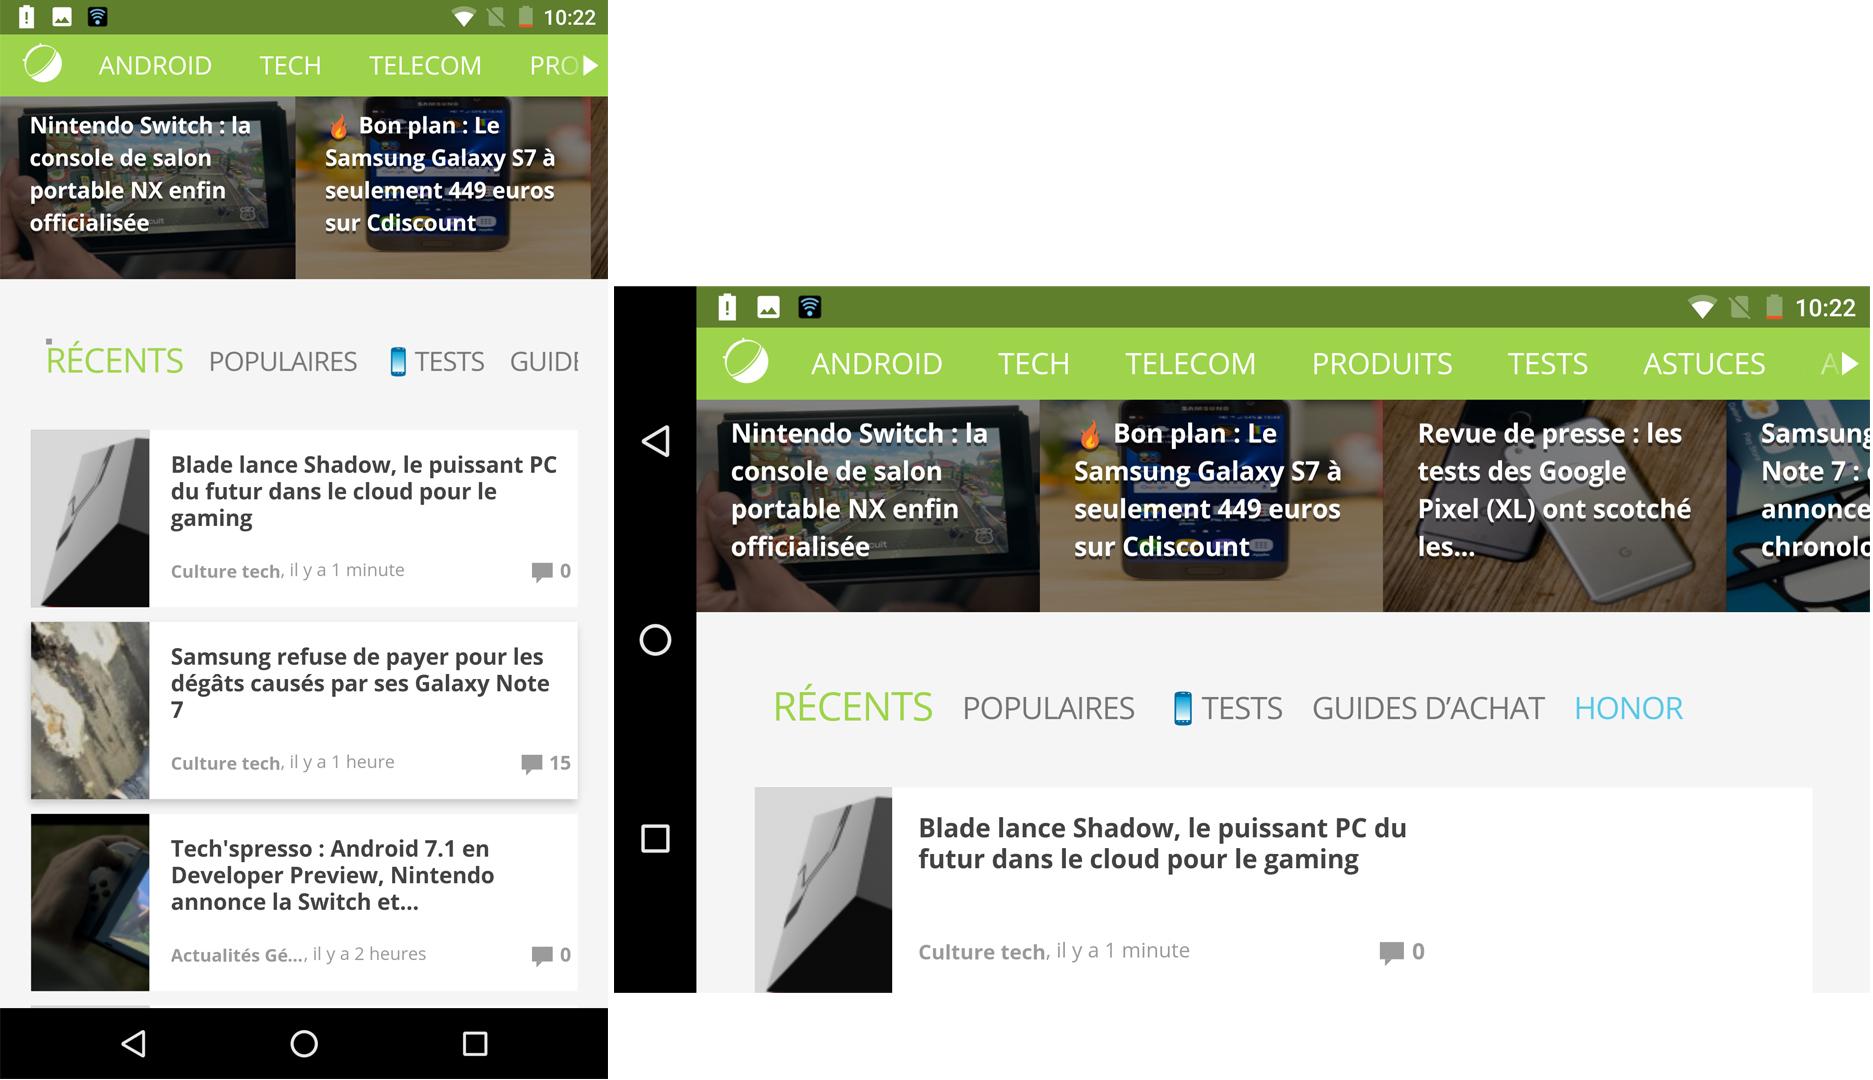 Android 7.1 Nougat : l'écran tourne, pas la barre de navigation